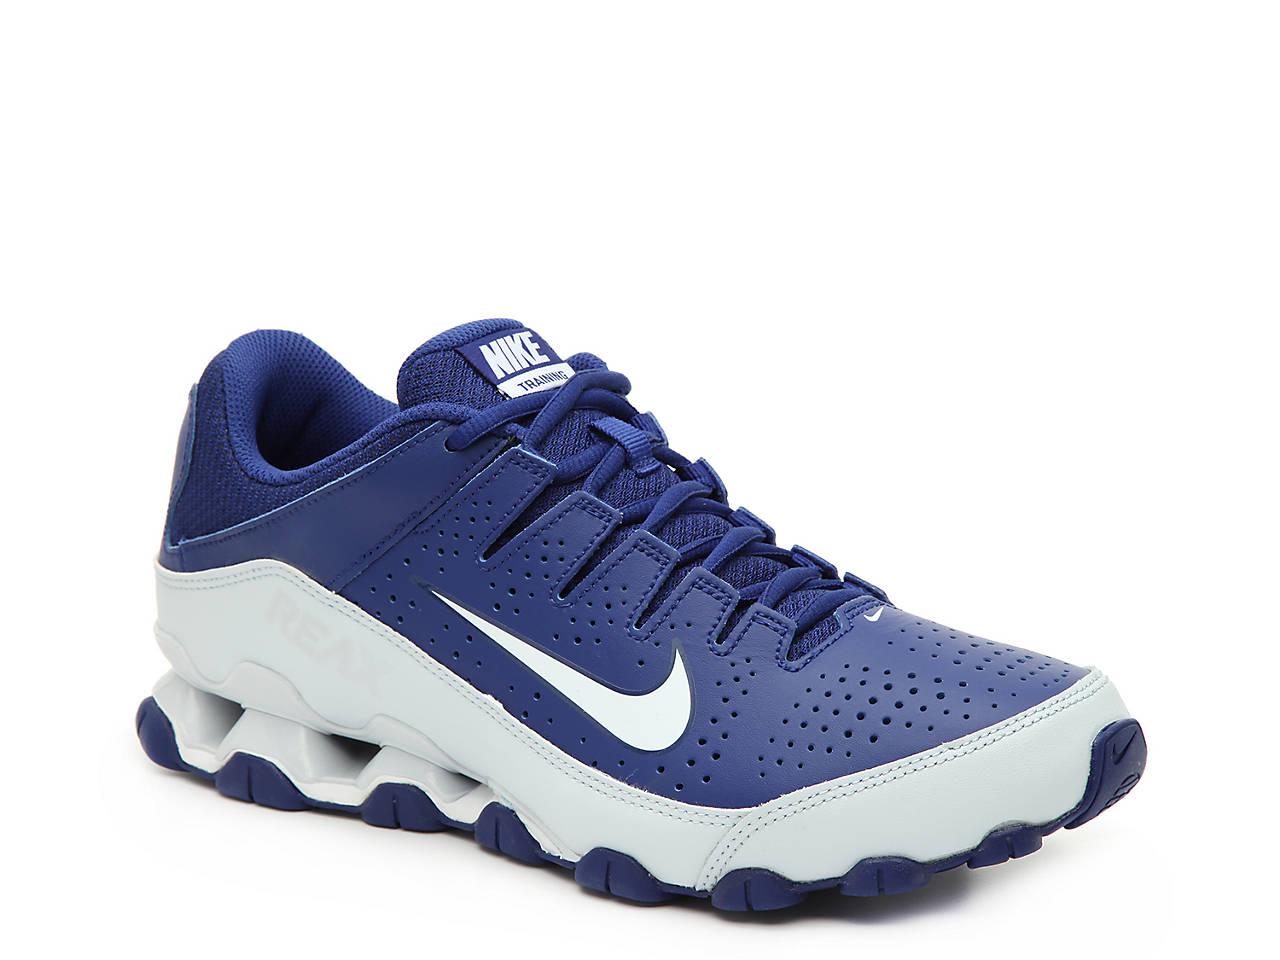 the latest 6eaf0 2e45d Reax 8 TR Training Shoe - Men s